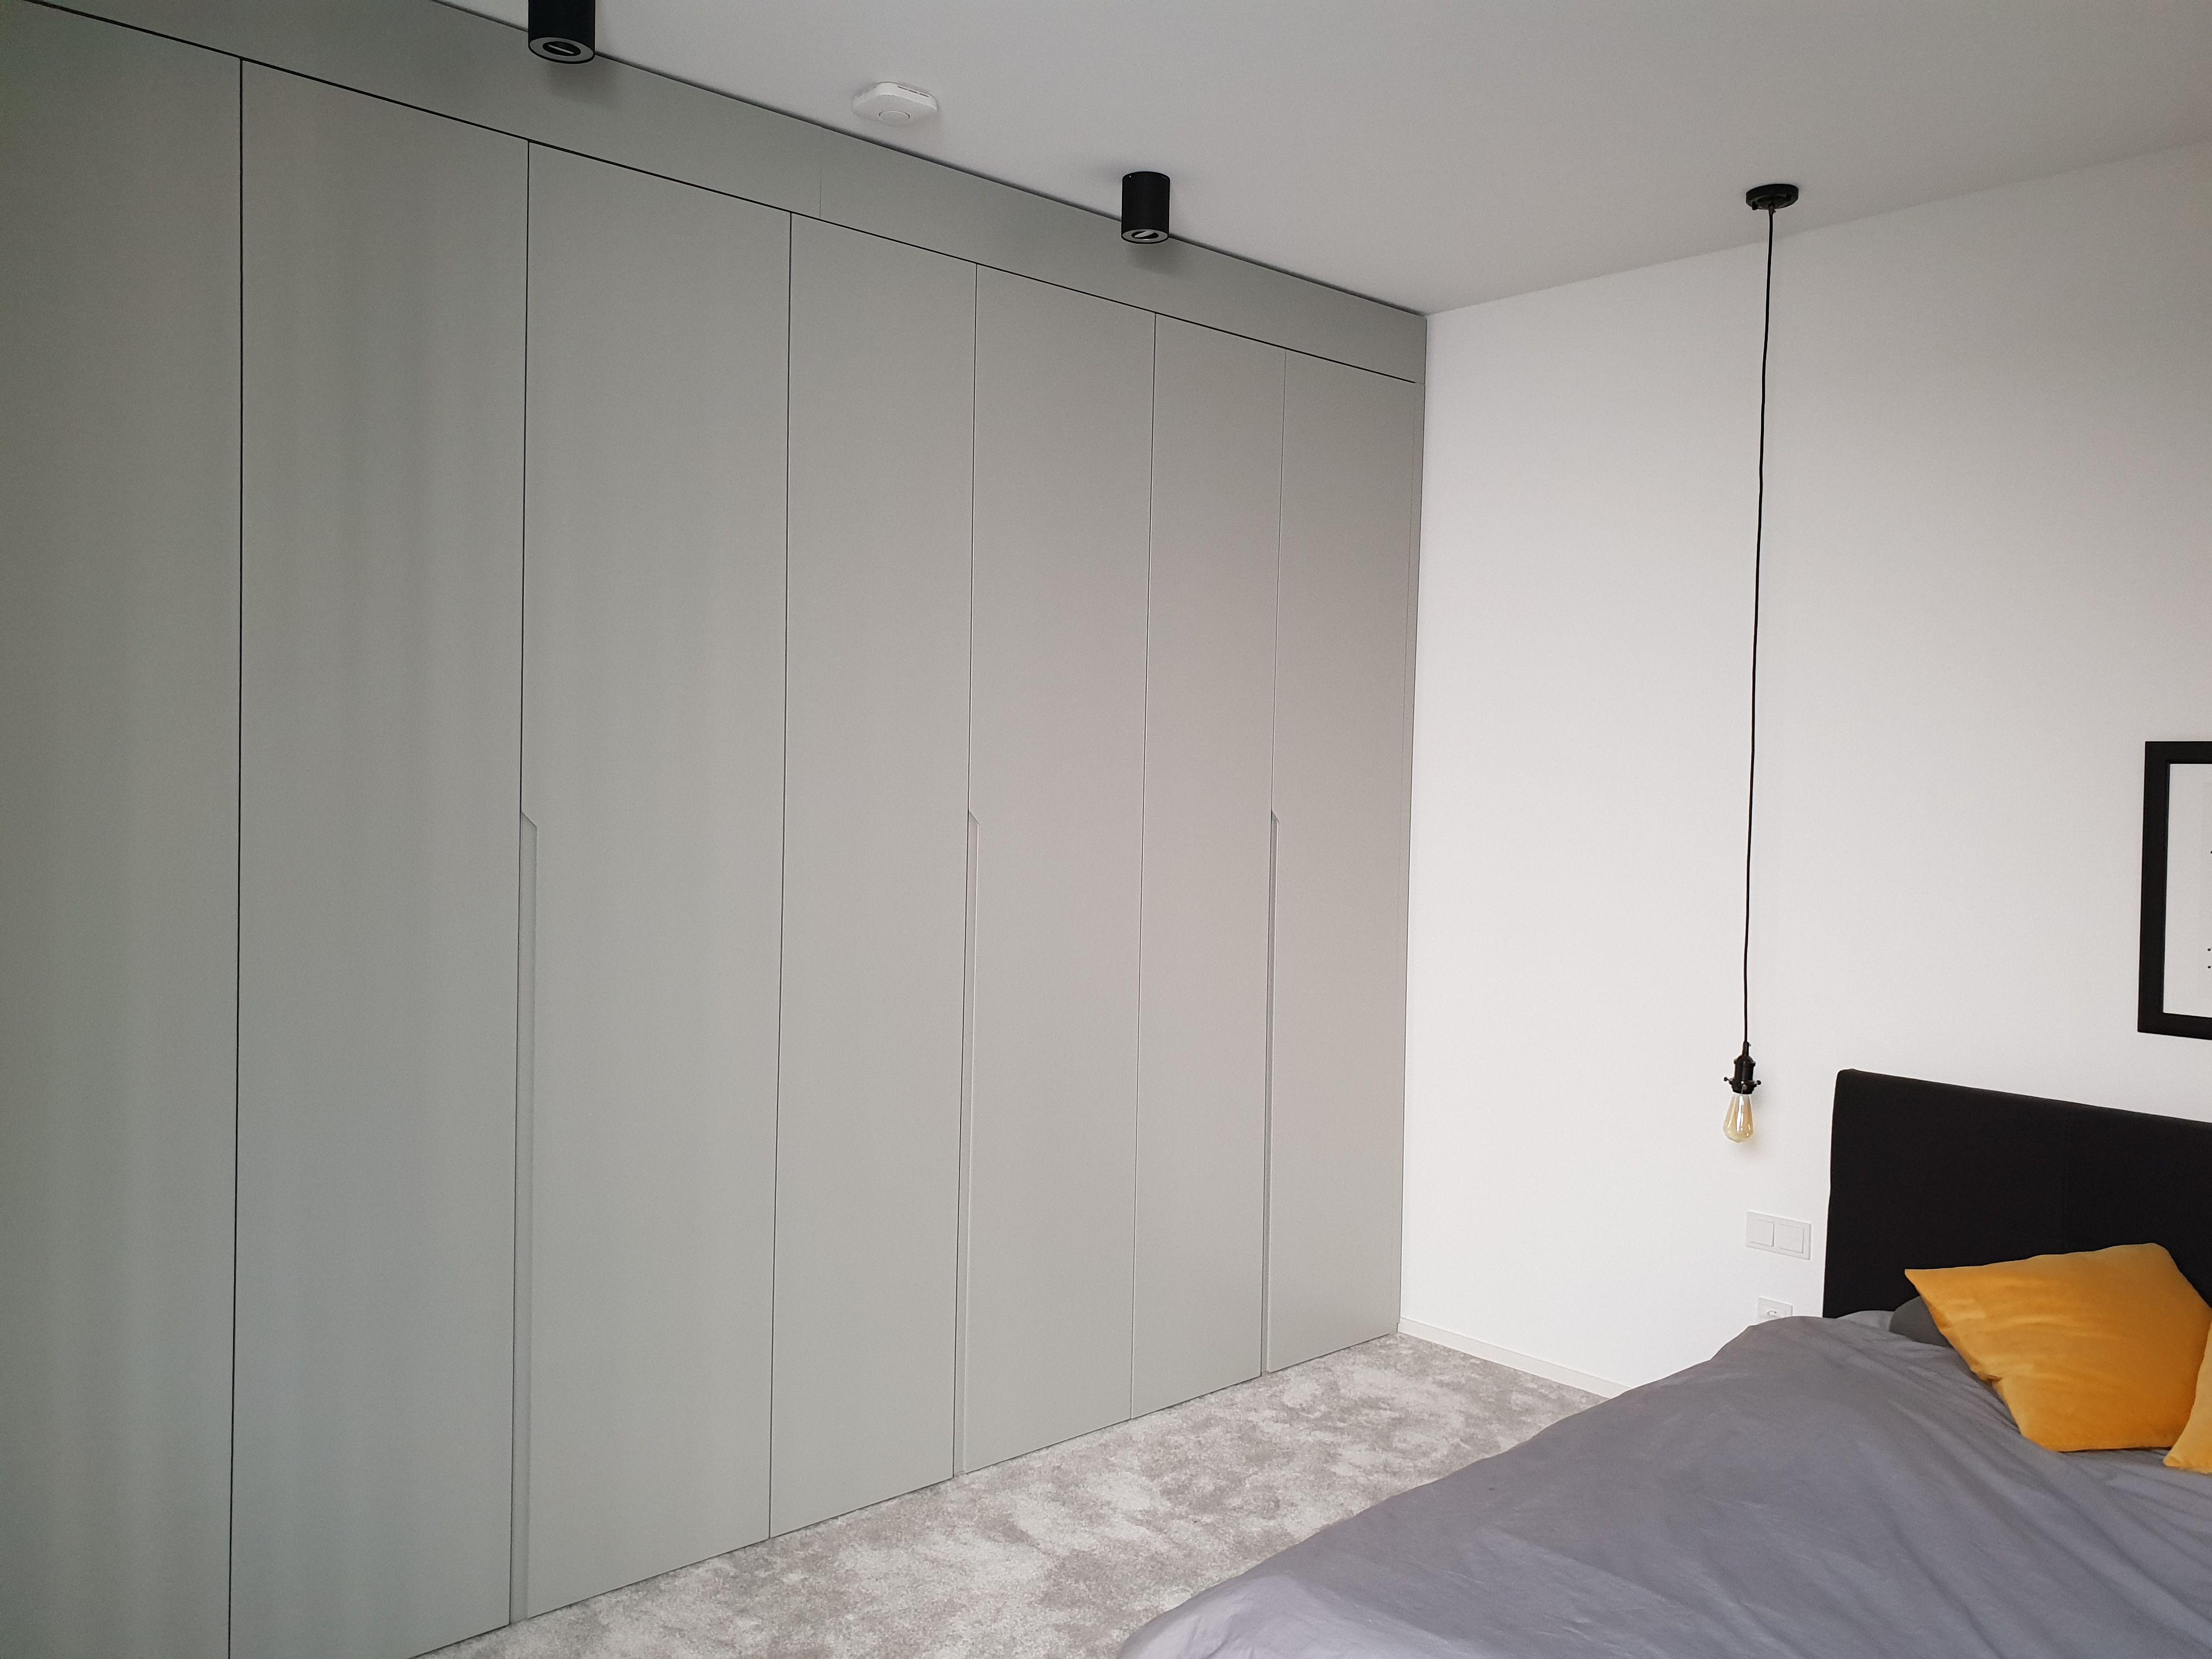 Idaw Schrank Nach Mass Einbauschranke Und Design Kommoden Home Interior Design Room